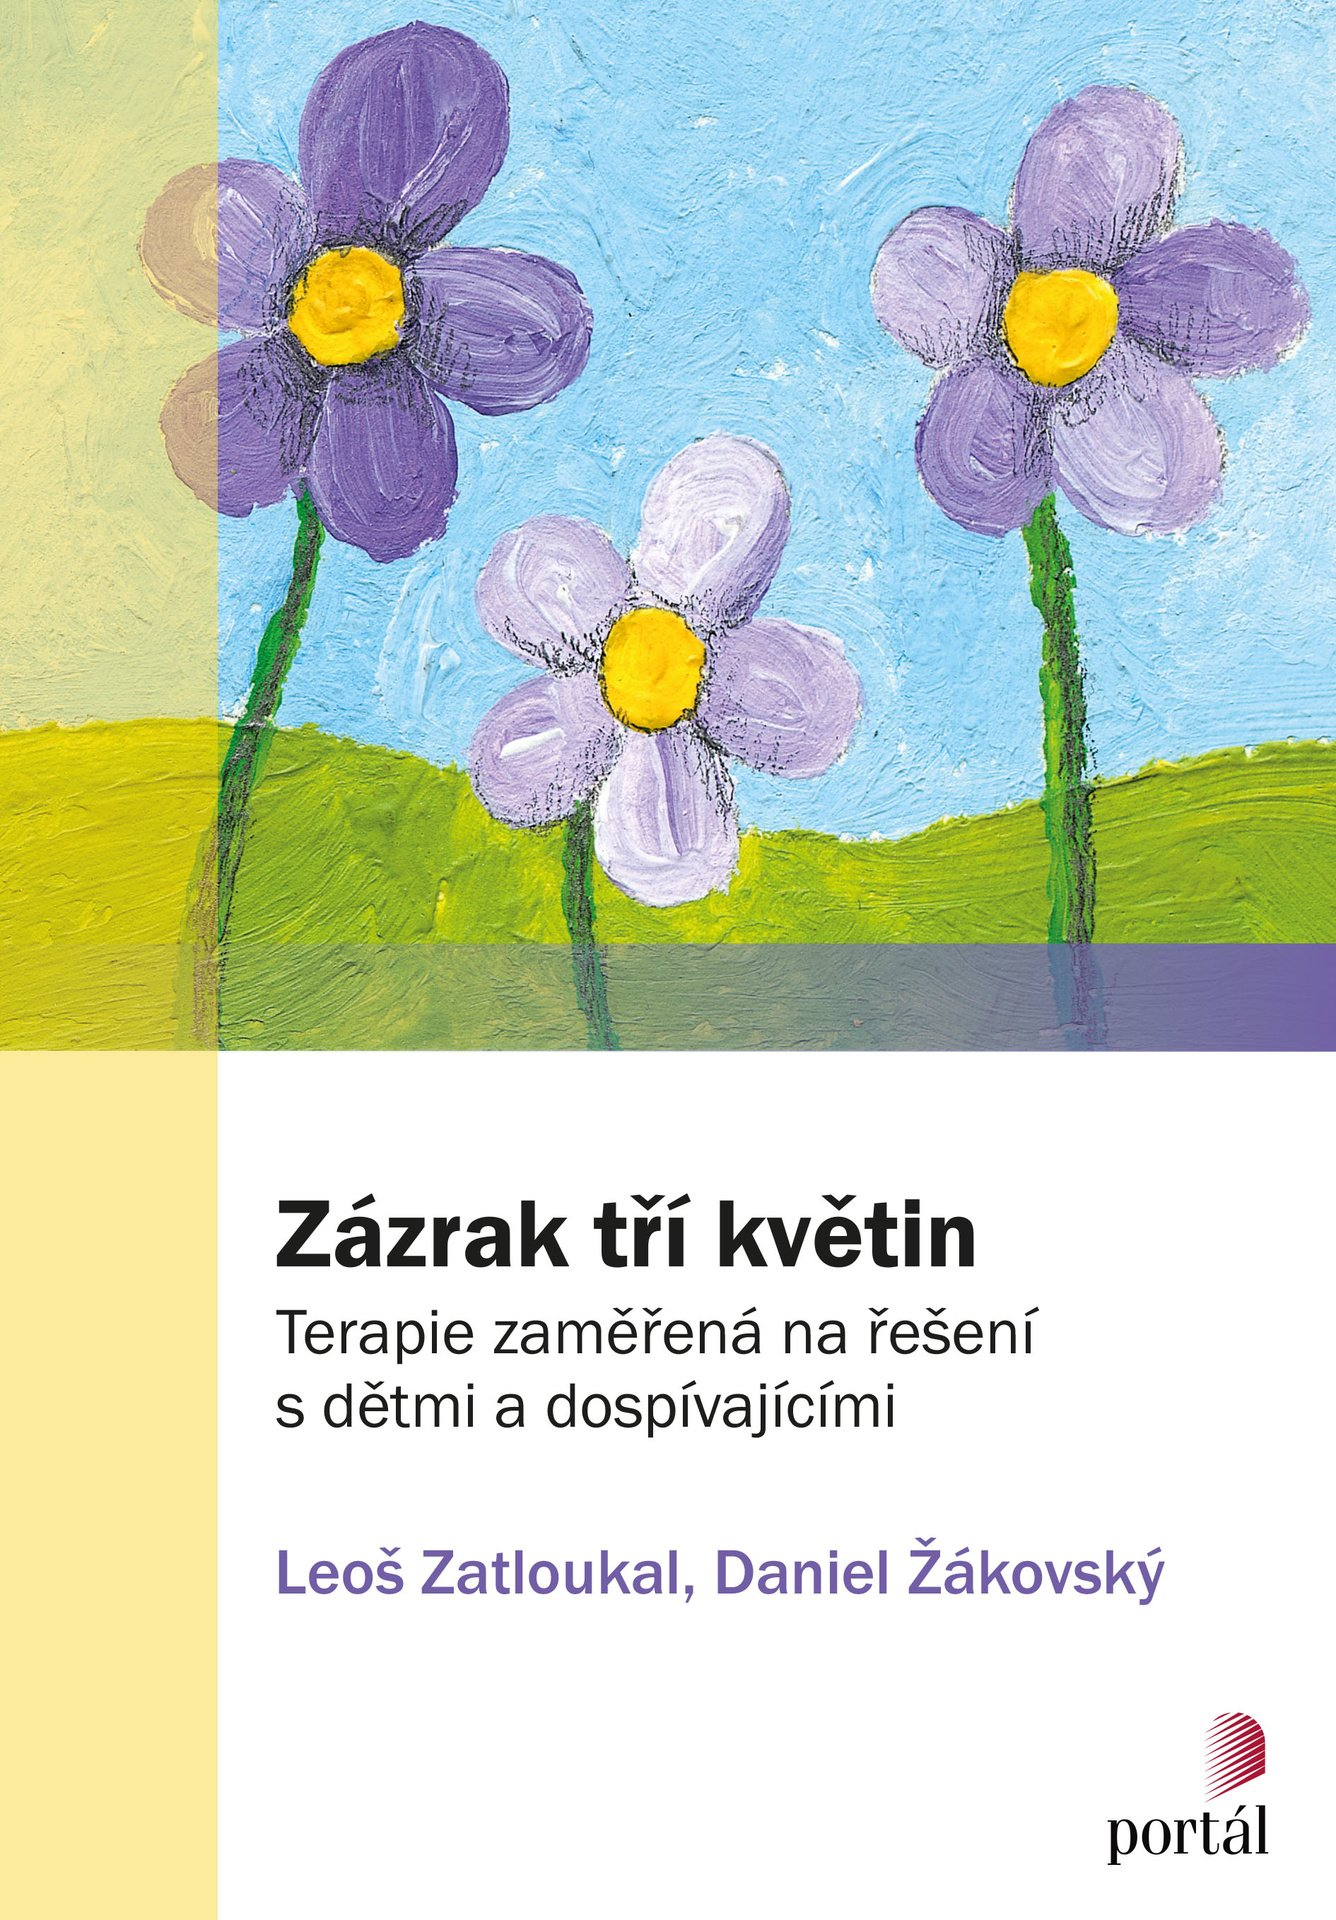 Zázrak tří květin, terapie, řešení, Kinds´Sklills, Leoš Zatloukal, Daniel Žákovský